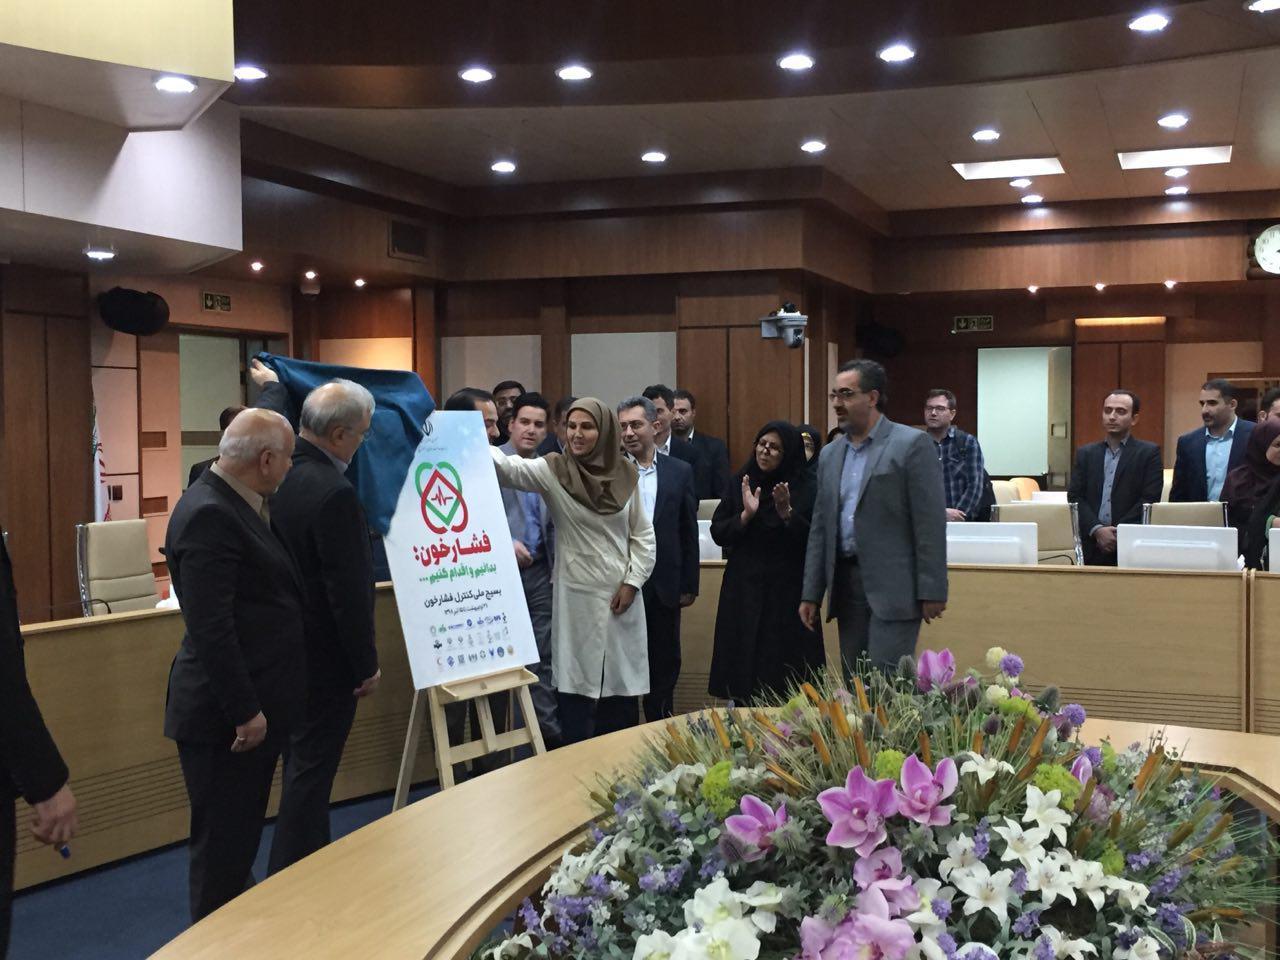 ابتلای ۱۵ میلیون ایرانی به فشار خون بالا / آغازطرح ملی کنترل فشار خود از 27 اردیبهشت / افراد بالای 30 سال مراجعه کنند